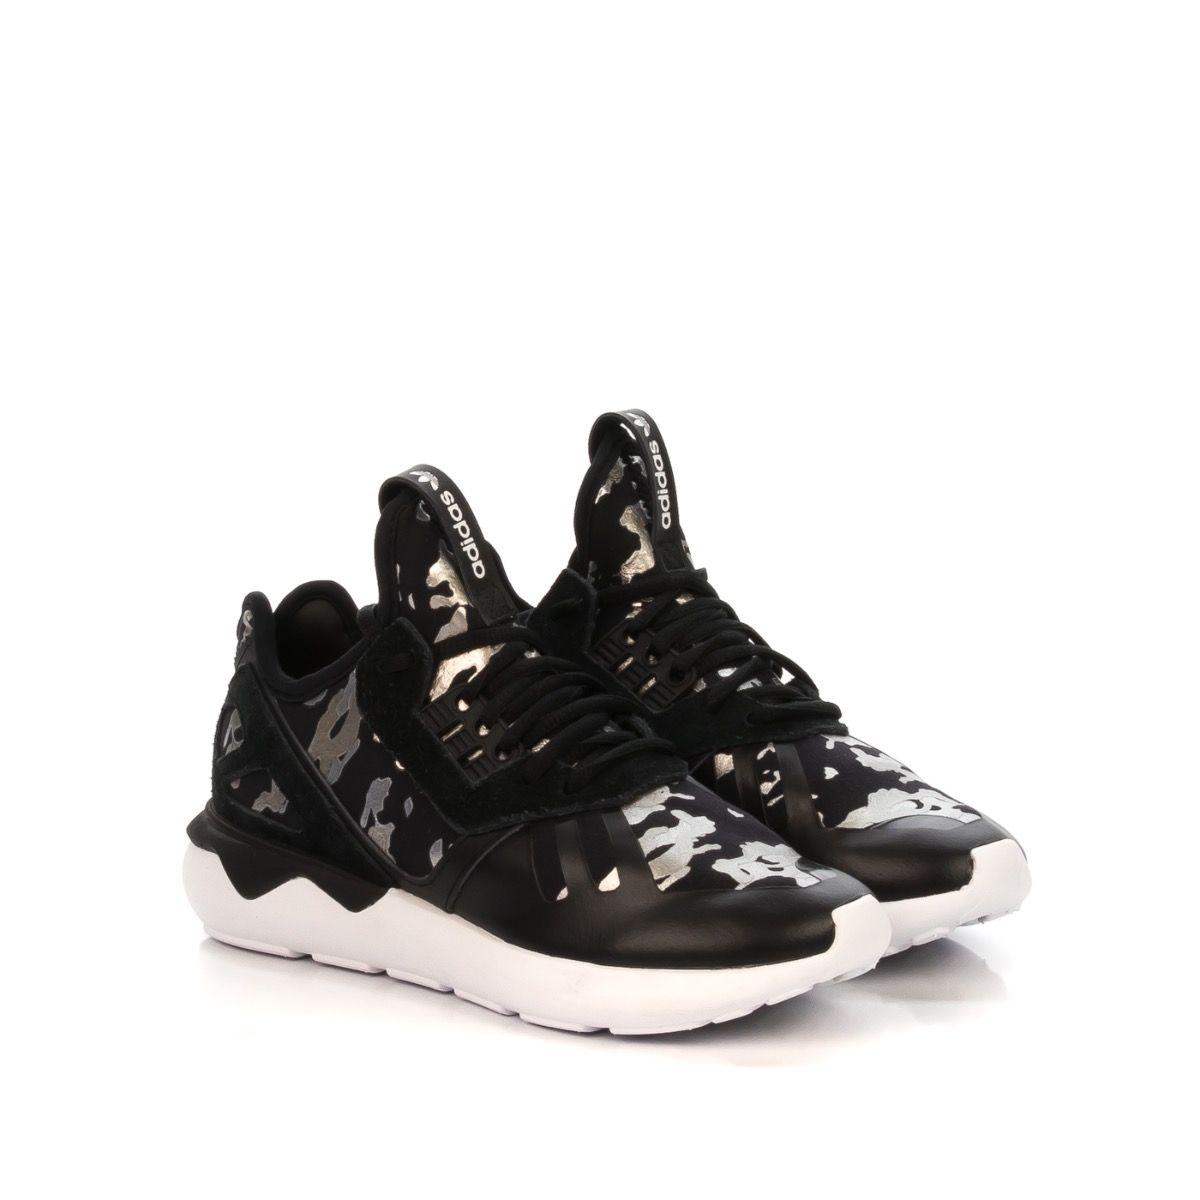 scarpe adidas uomo tabular